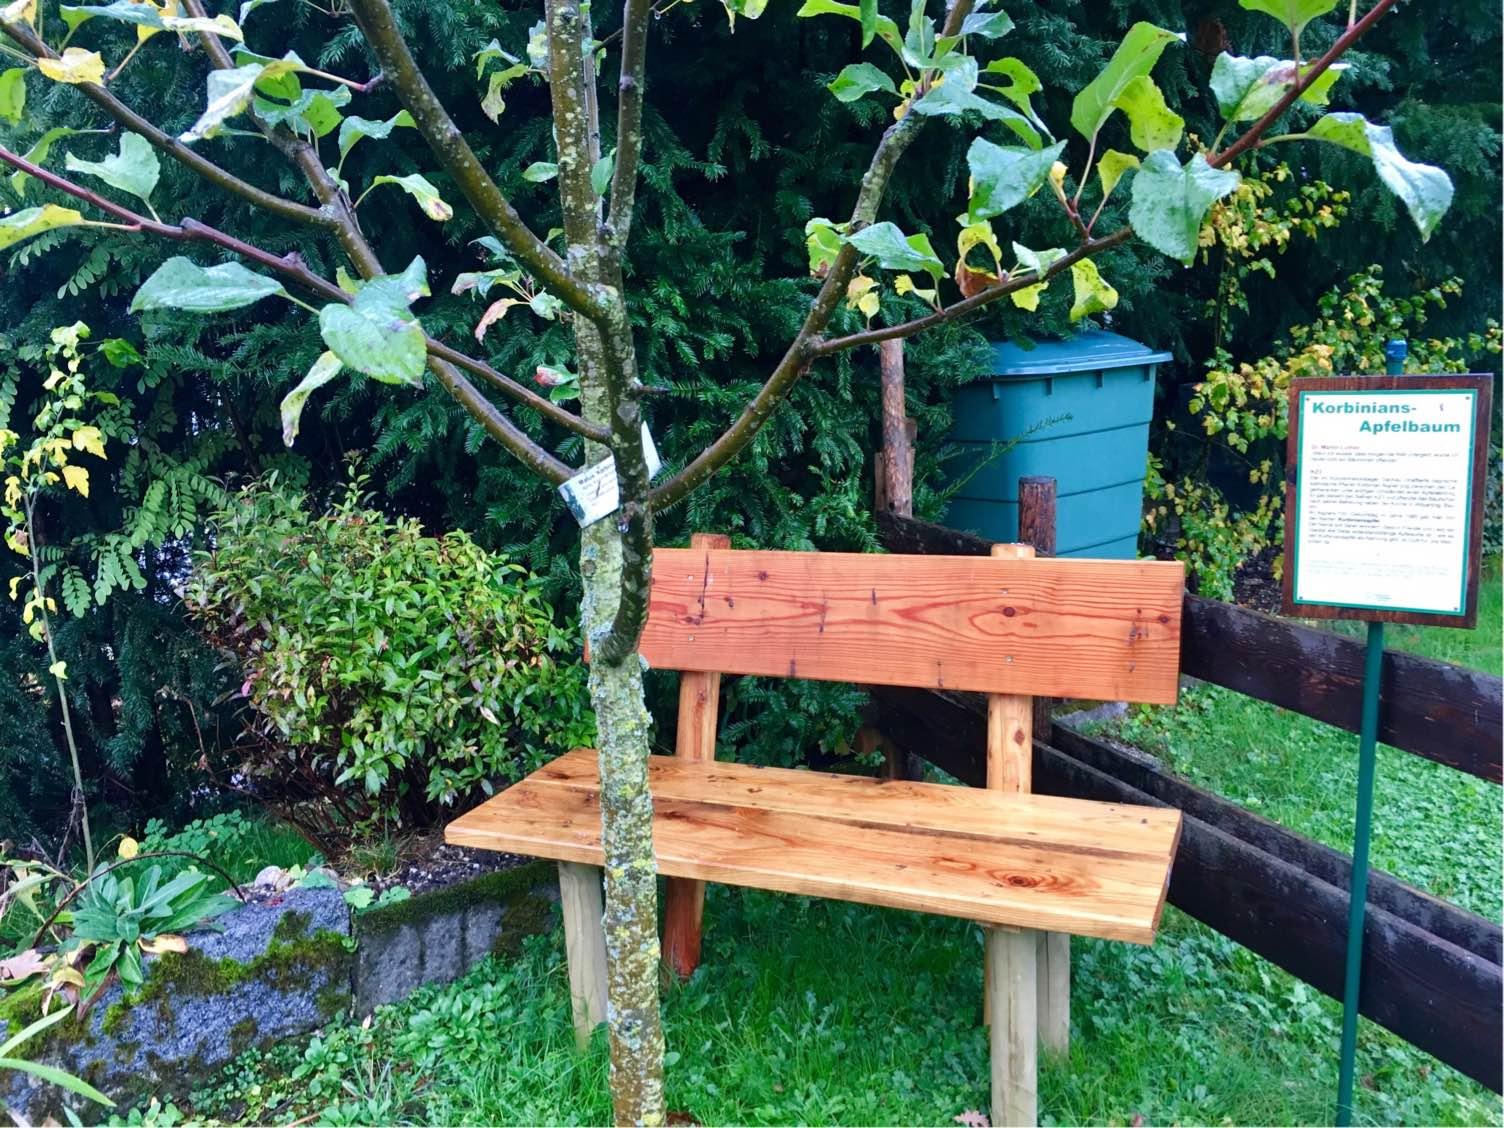 Korbinians Apfelbaum im Carolus Clusius Garten